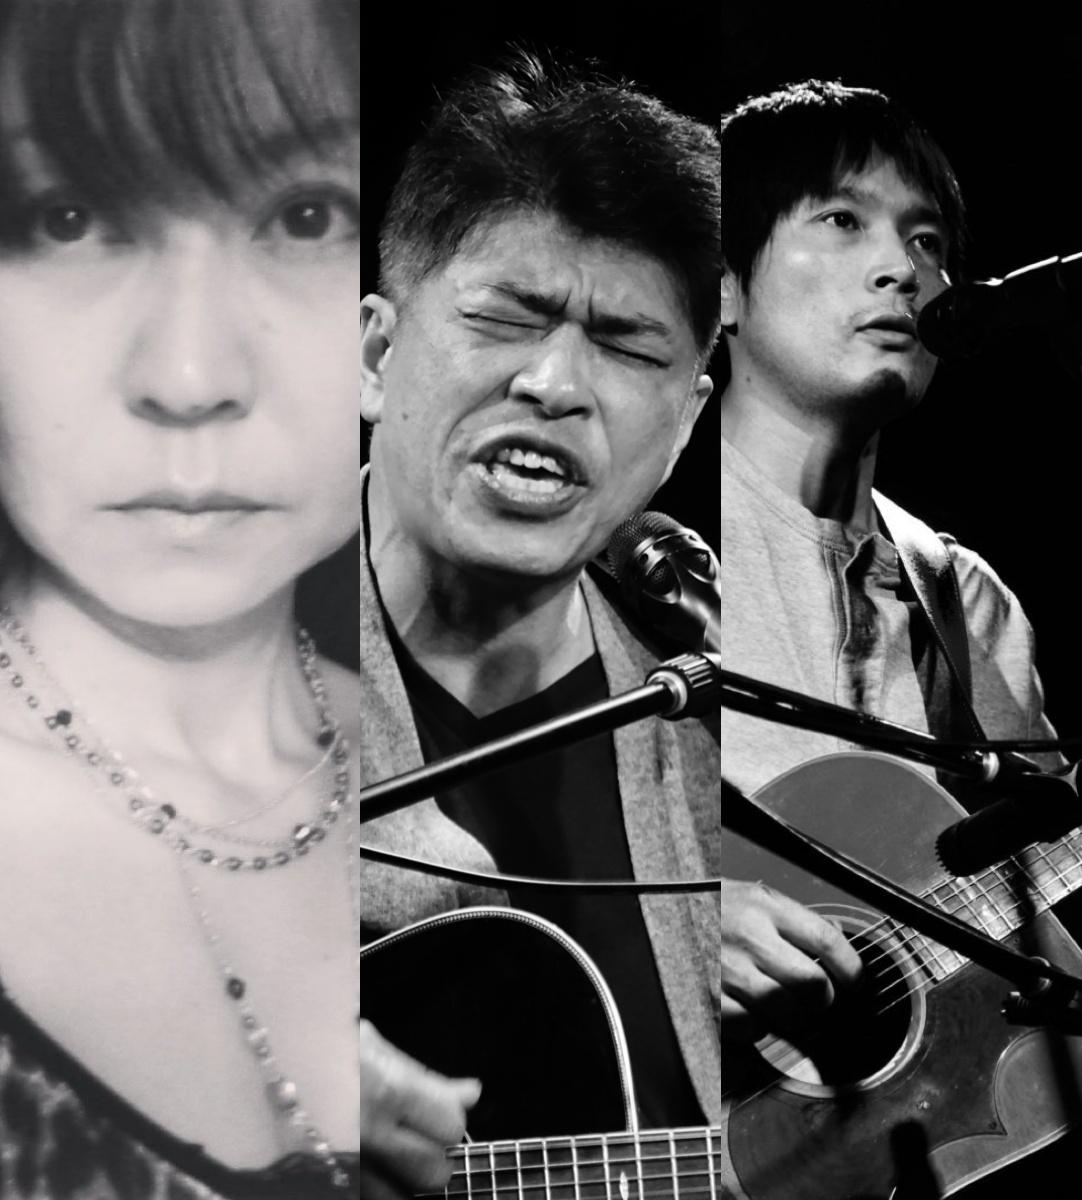 『絶望から祈りが生まれたんだ、僕から歌が生まれたように』出演:フレイヤ / 栁下学 / 早川理史